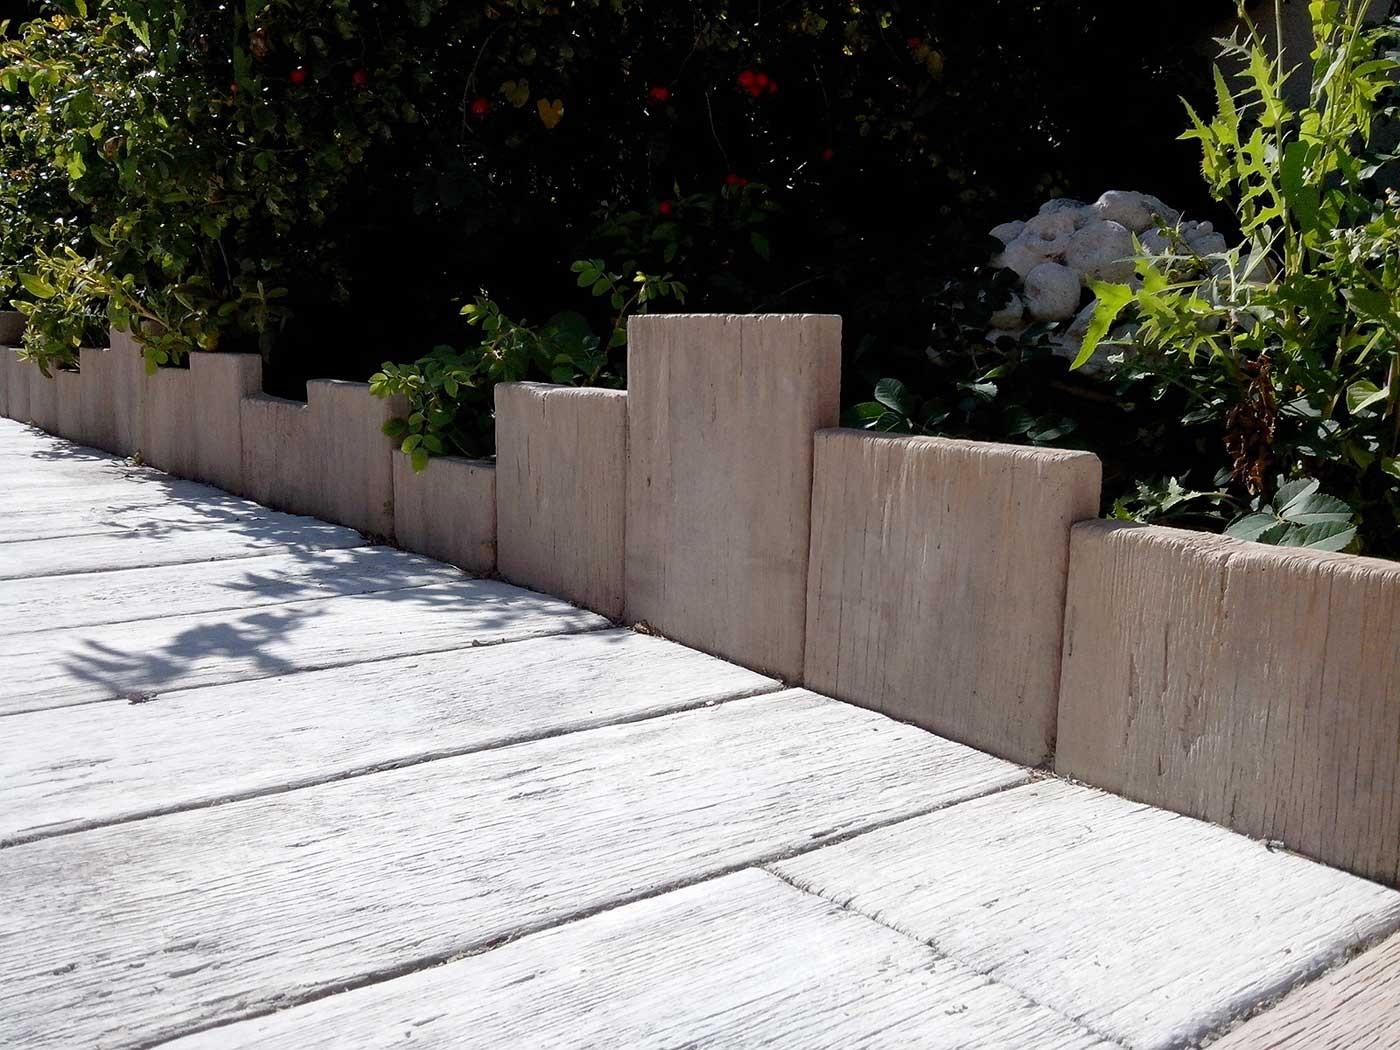 Bordure De Jardin En Pierre Reconstituee Planche Apparence Bois 60 X 3 X 30 Cm Graphite